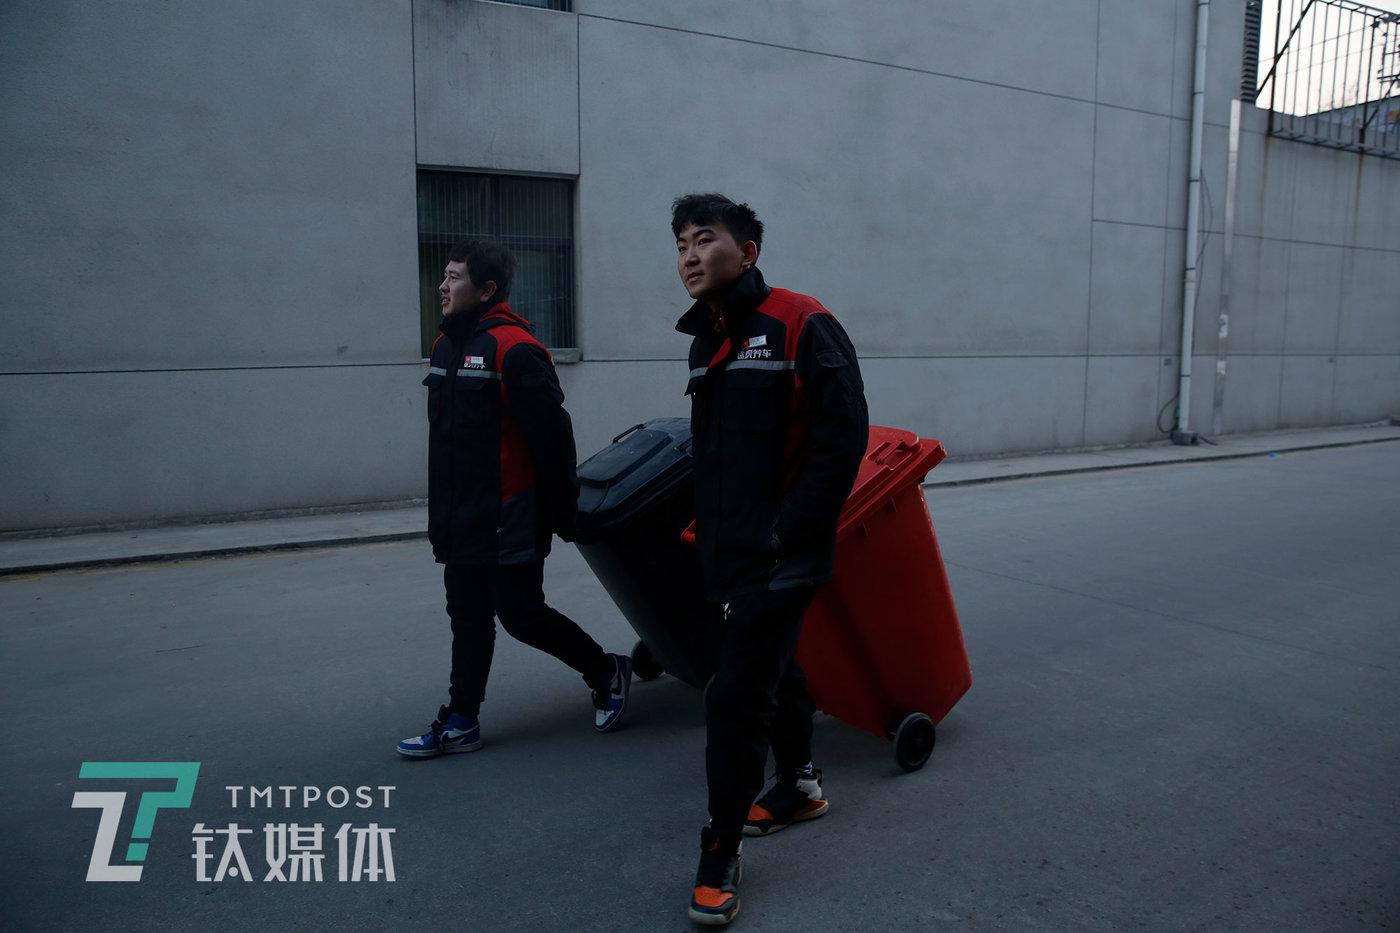 刘灏和同事在倒垃圾。